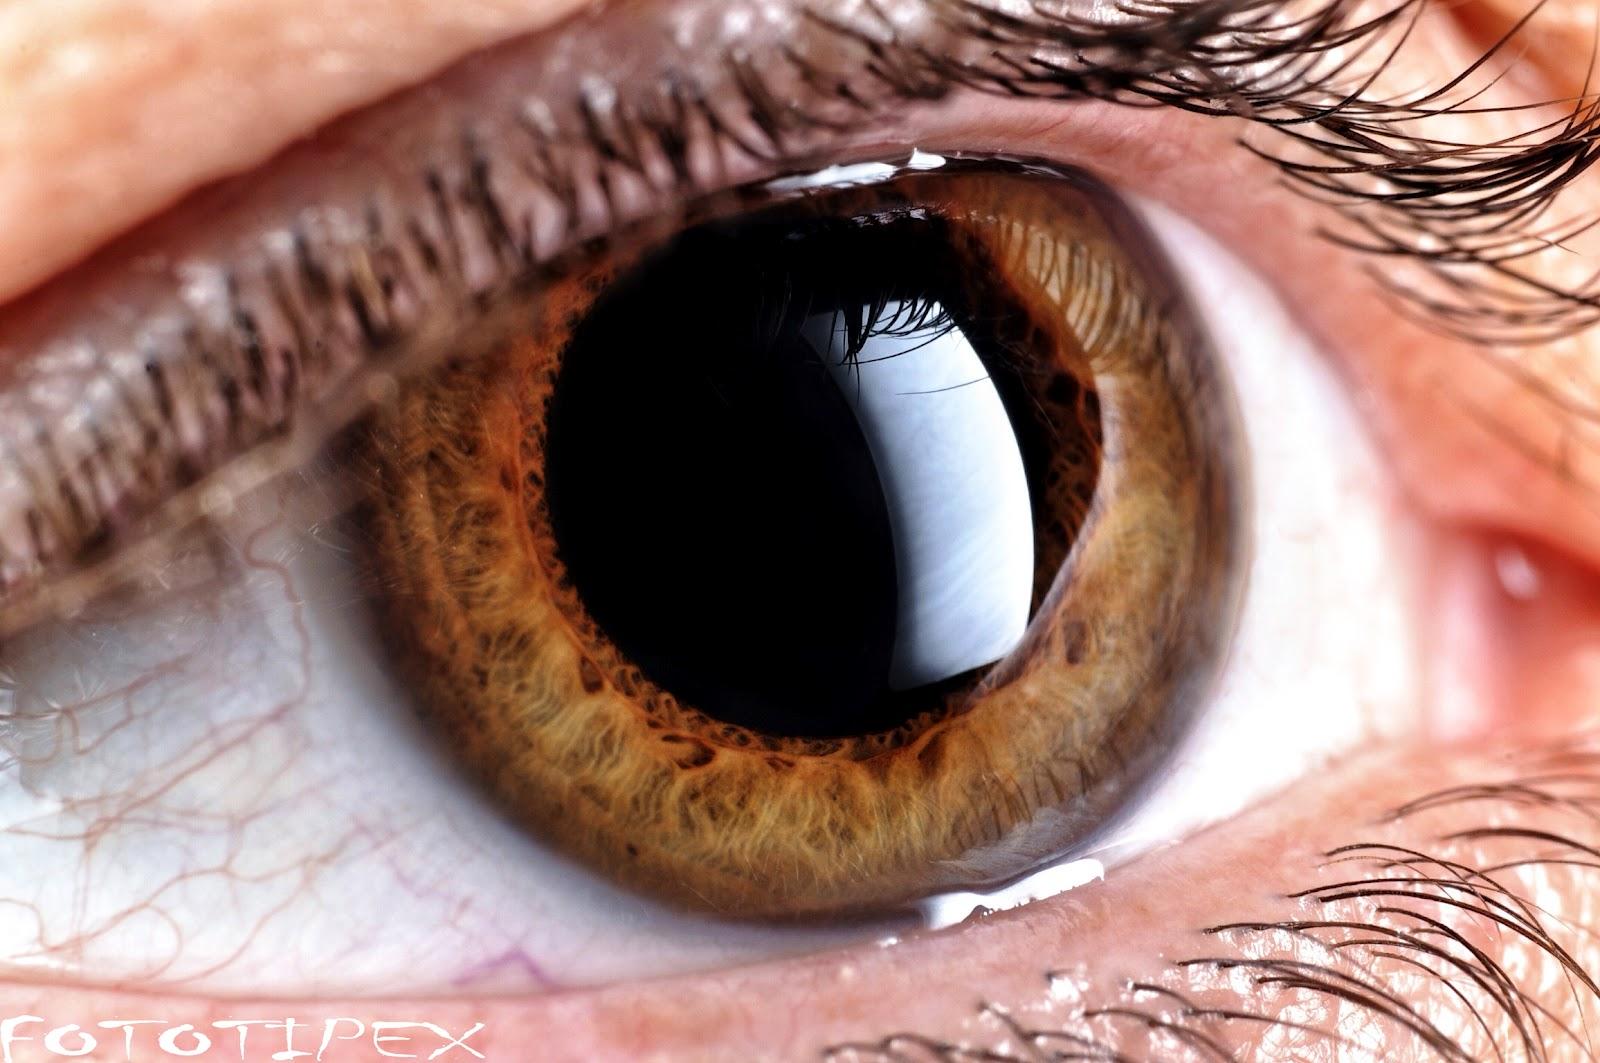 Cuántos MegaPixeles tiene el ojo humano? | El Centinela BCS